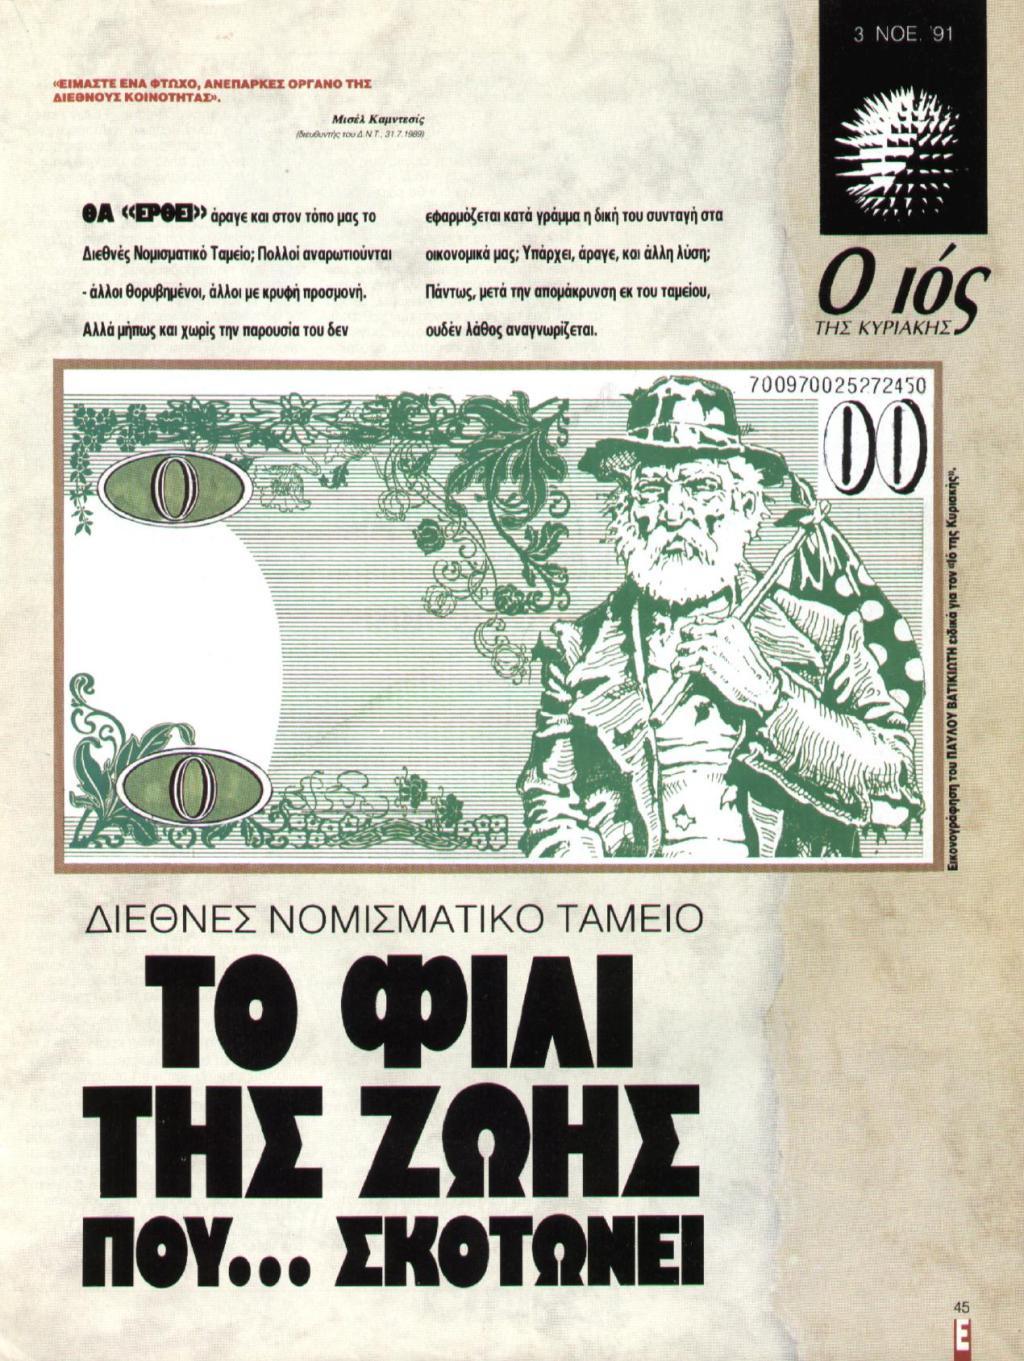 1991-11-03-ΕΨΙΛΟΝ - Ιός - Διεθνές Νομισματικό Ταμείο ΔΝΤ Το φιλί της ζωής που σκοτώνει-ΣΕΛ-01